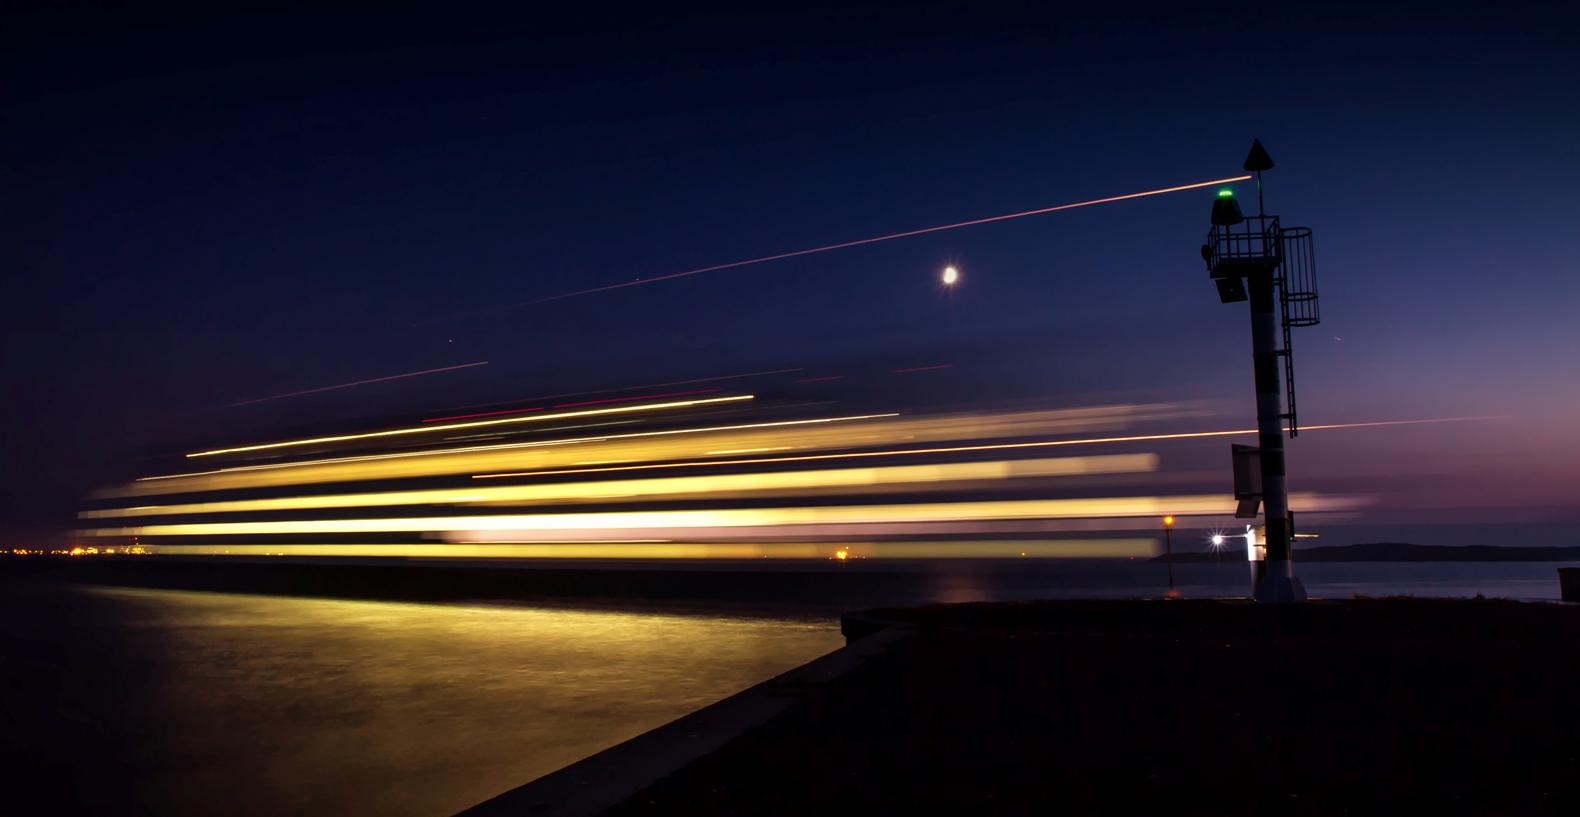 De veerboot vertrket vanaf Texel, 30 sec belicht / The ferry leaves from Texel, 30 sec exposed